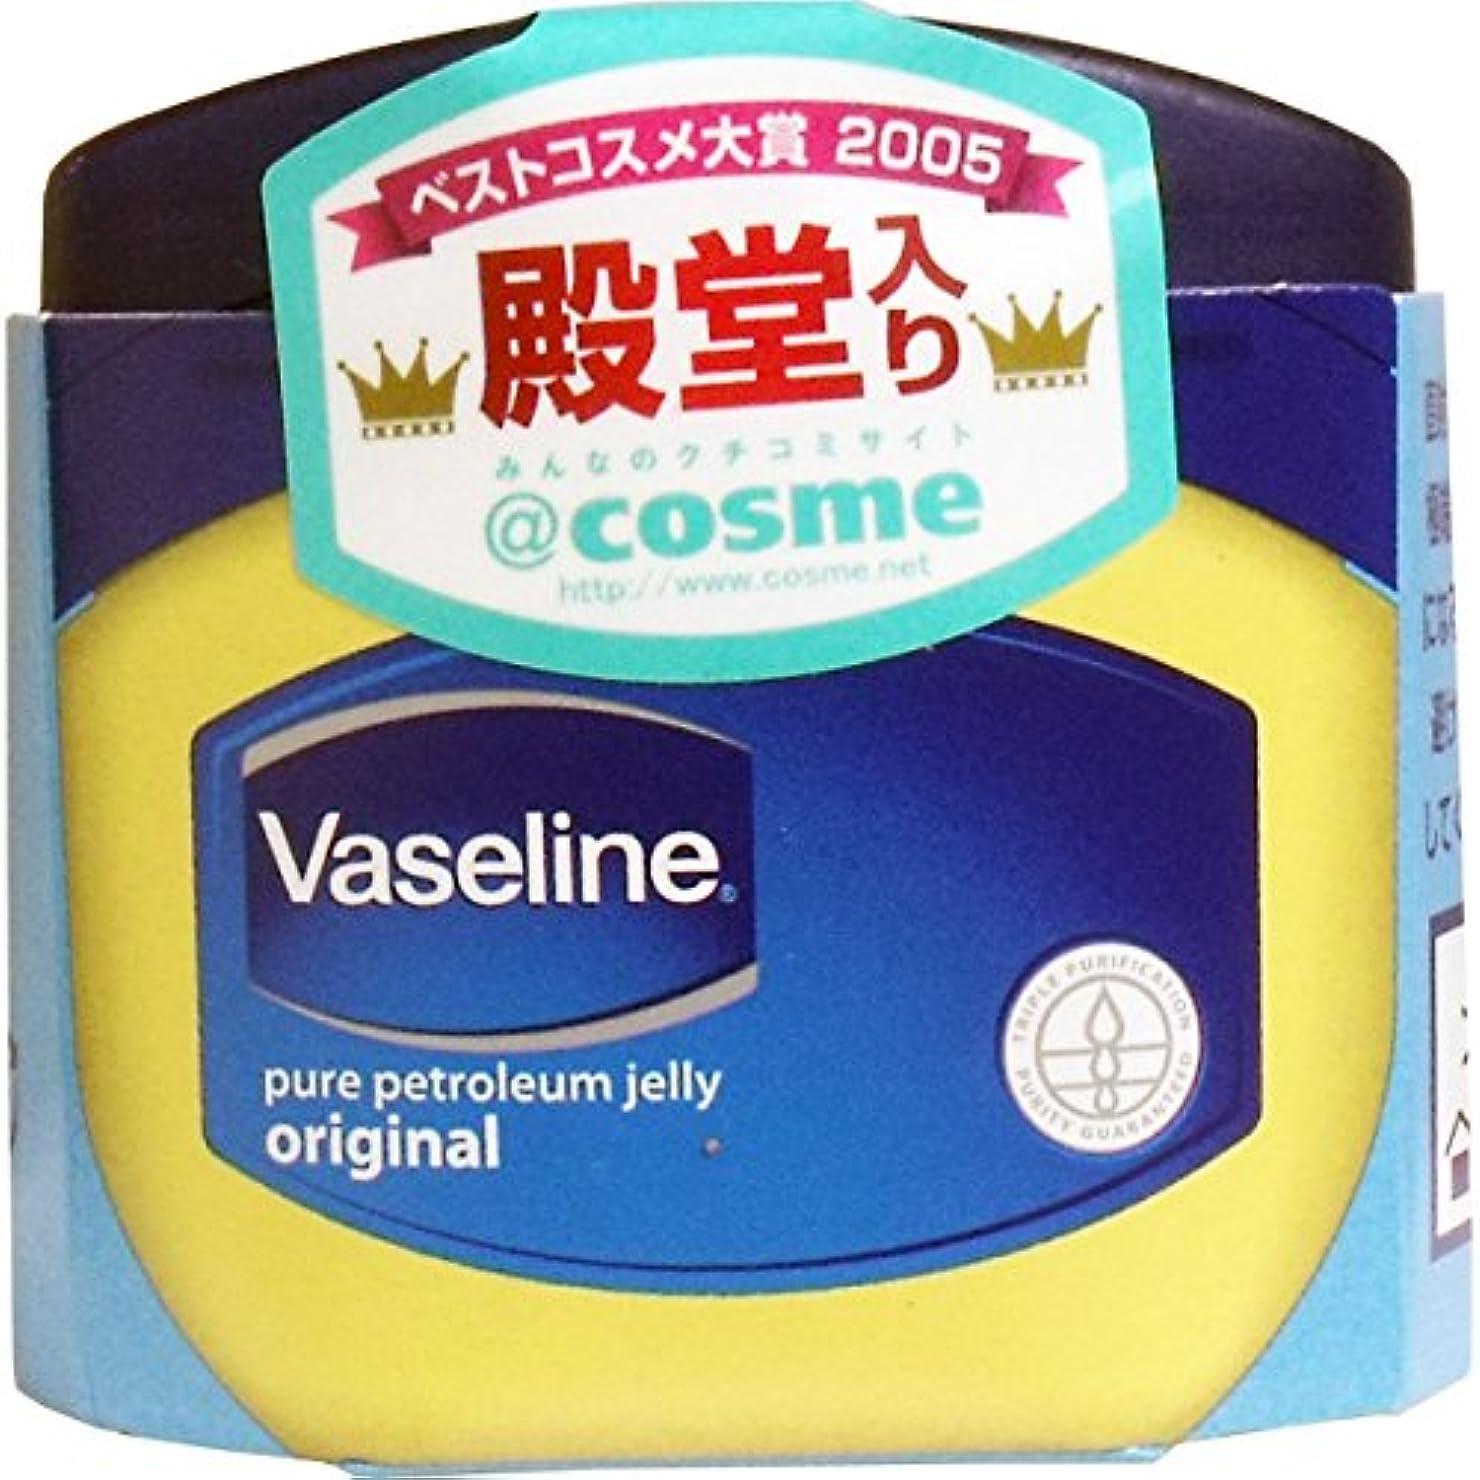 集団安定泣き叫ぶ【Vaseline】ヴァセリン ピュアスキンジェリー (スキンオイル) 40g ×10個セット